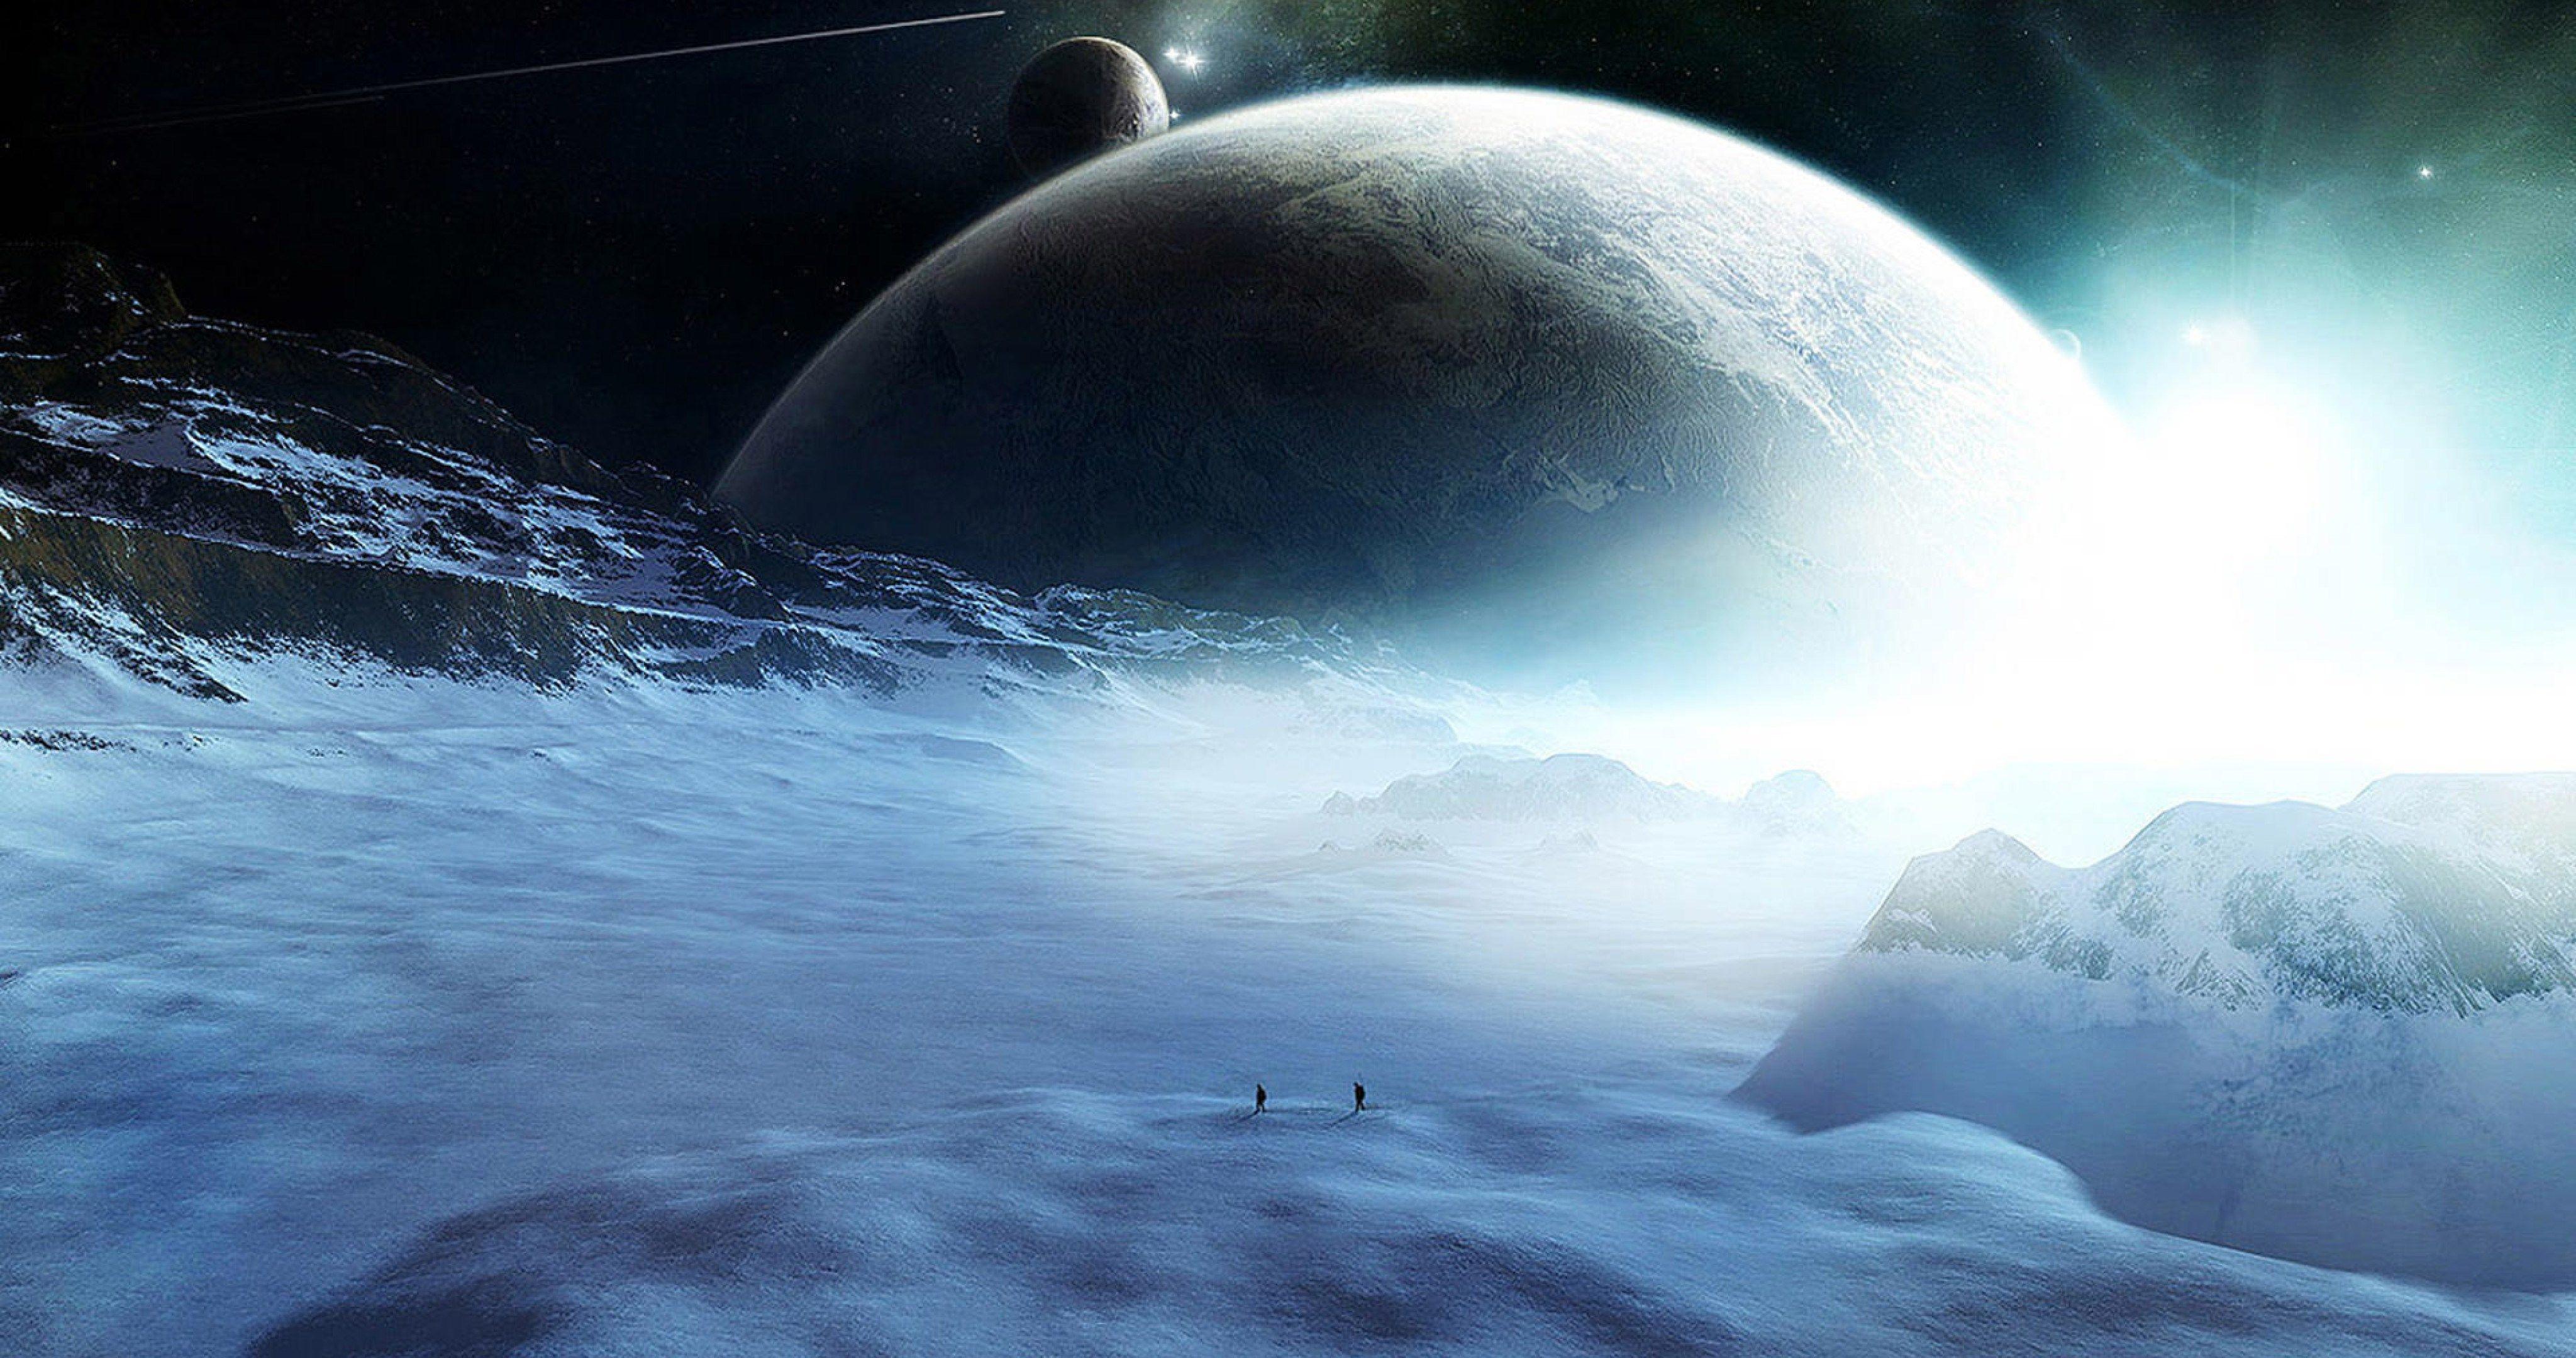 Alien Planet Orbit Space 4k Ultra Hd Wallpaper Planet Pictures Planets Wallpaper Space Backgrounds